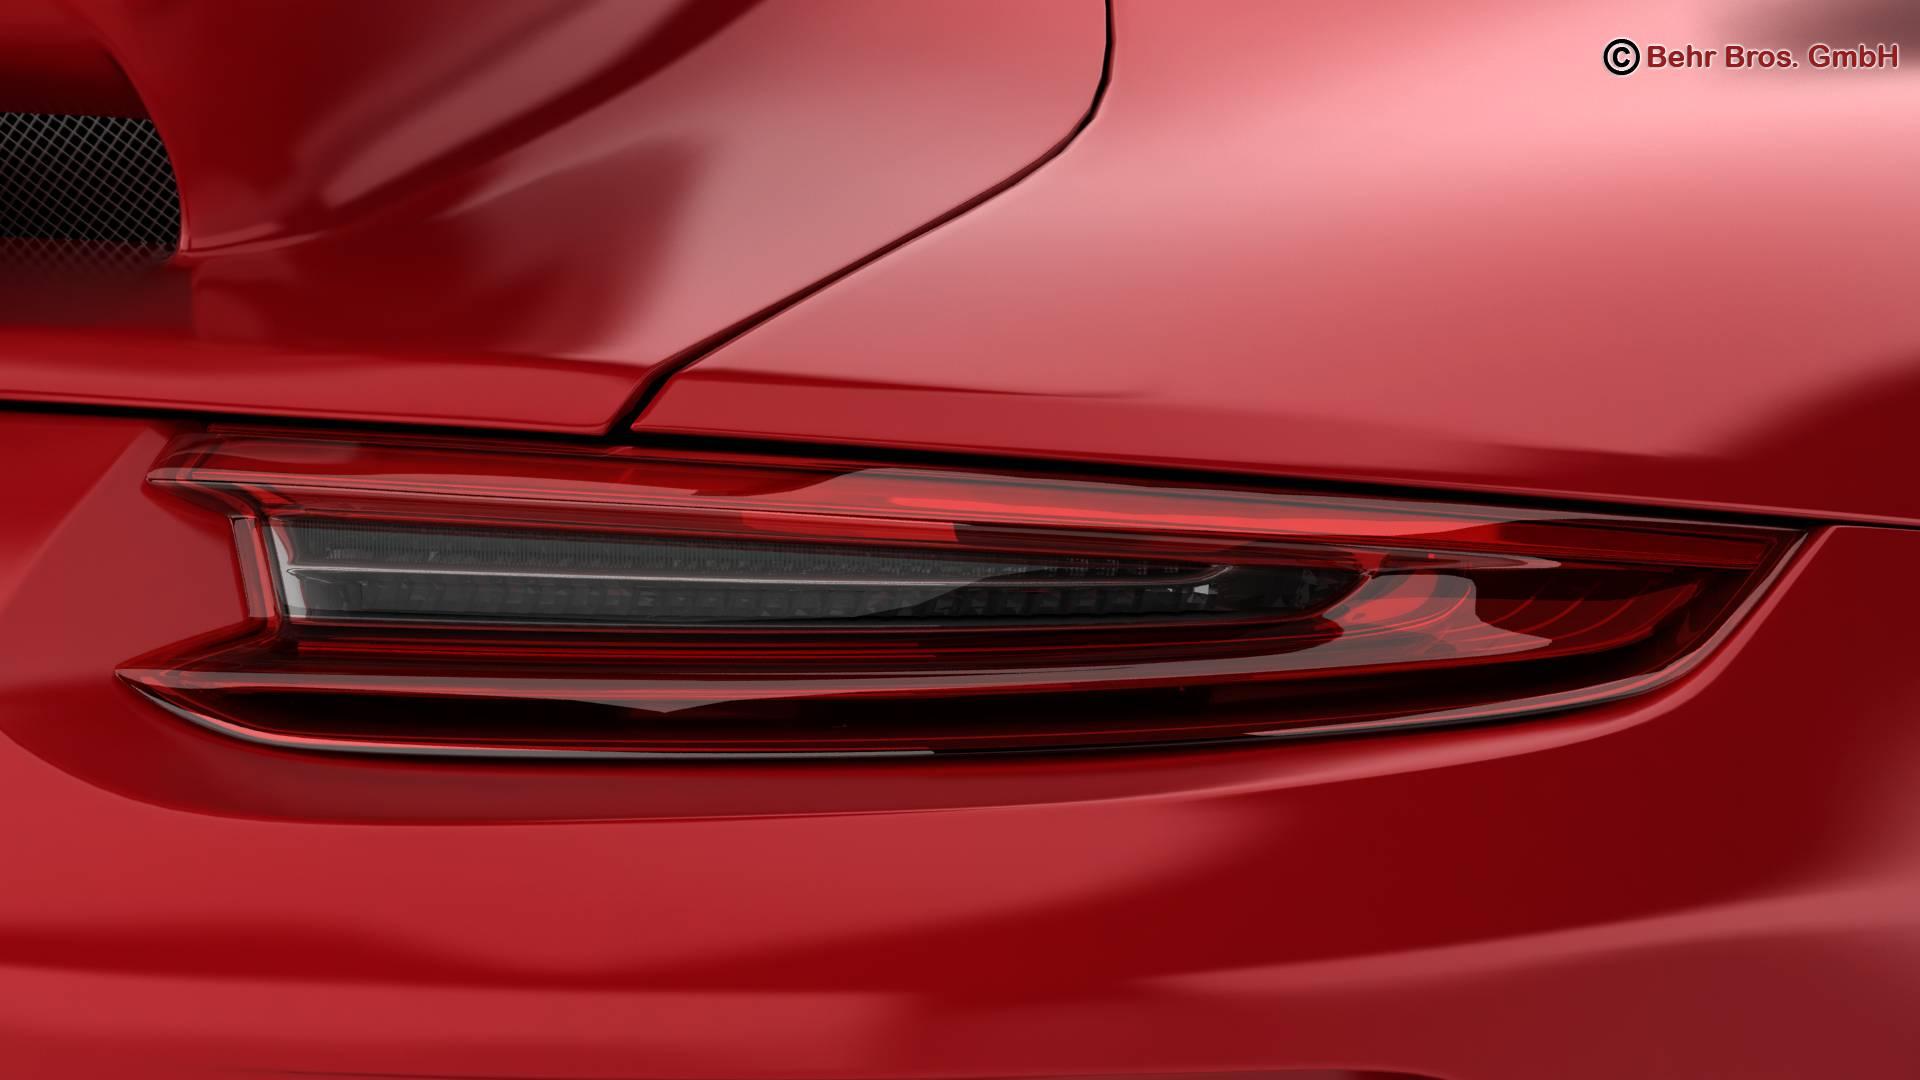 porsche 911 gt3 2018 3d model 3ds max fbx c4d lwo ma mb obj 265904